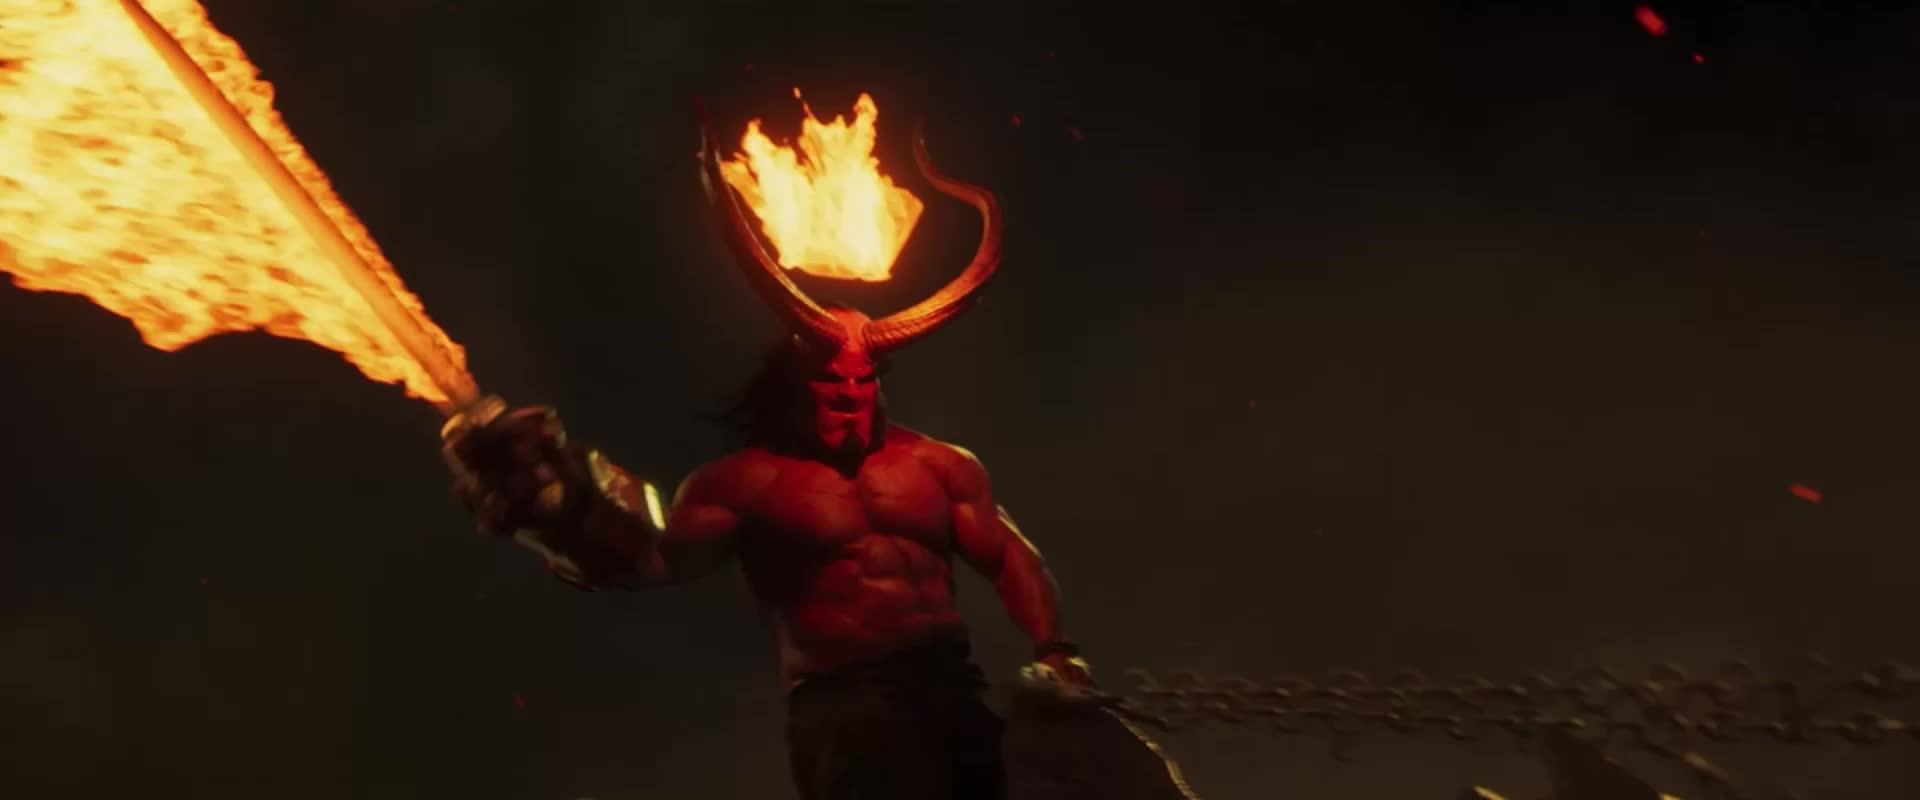 hellboy, hellboy gif GIFs